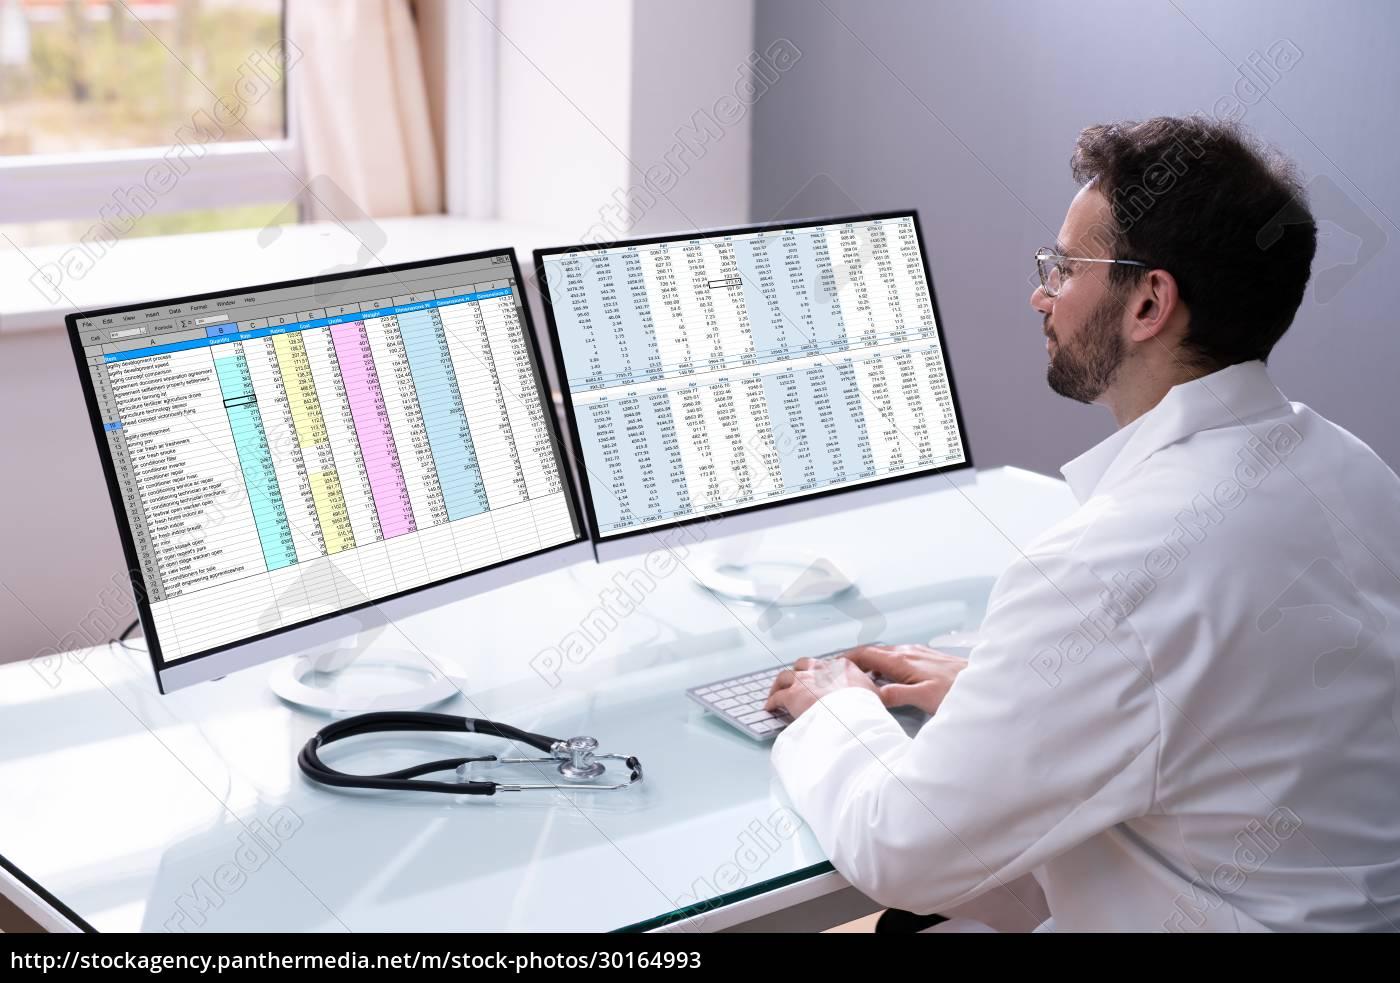 medical, coding, bill - 30164993